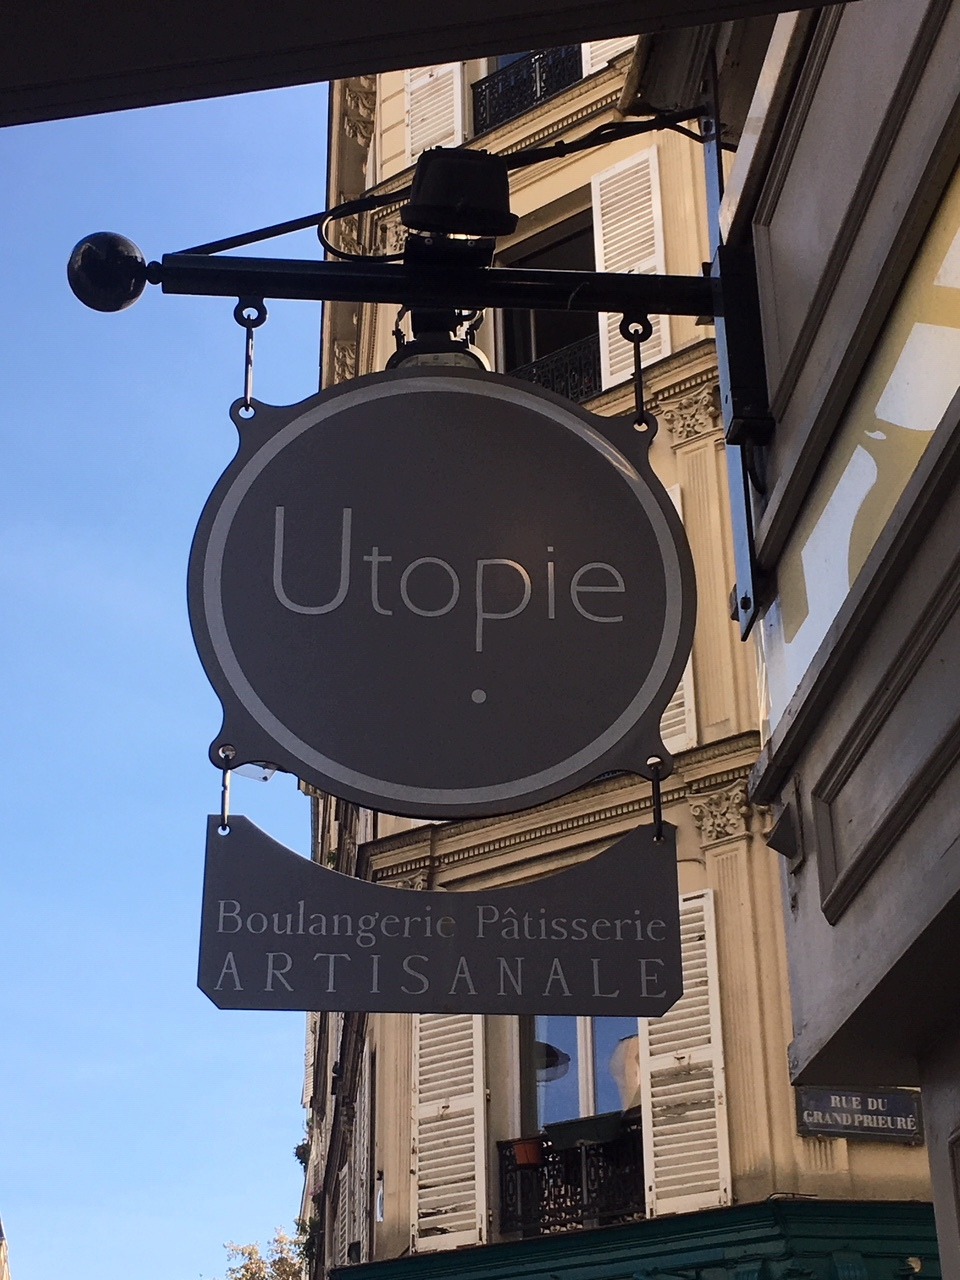 boulangerie Utopie